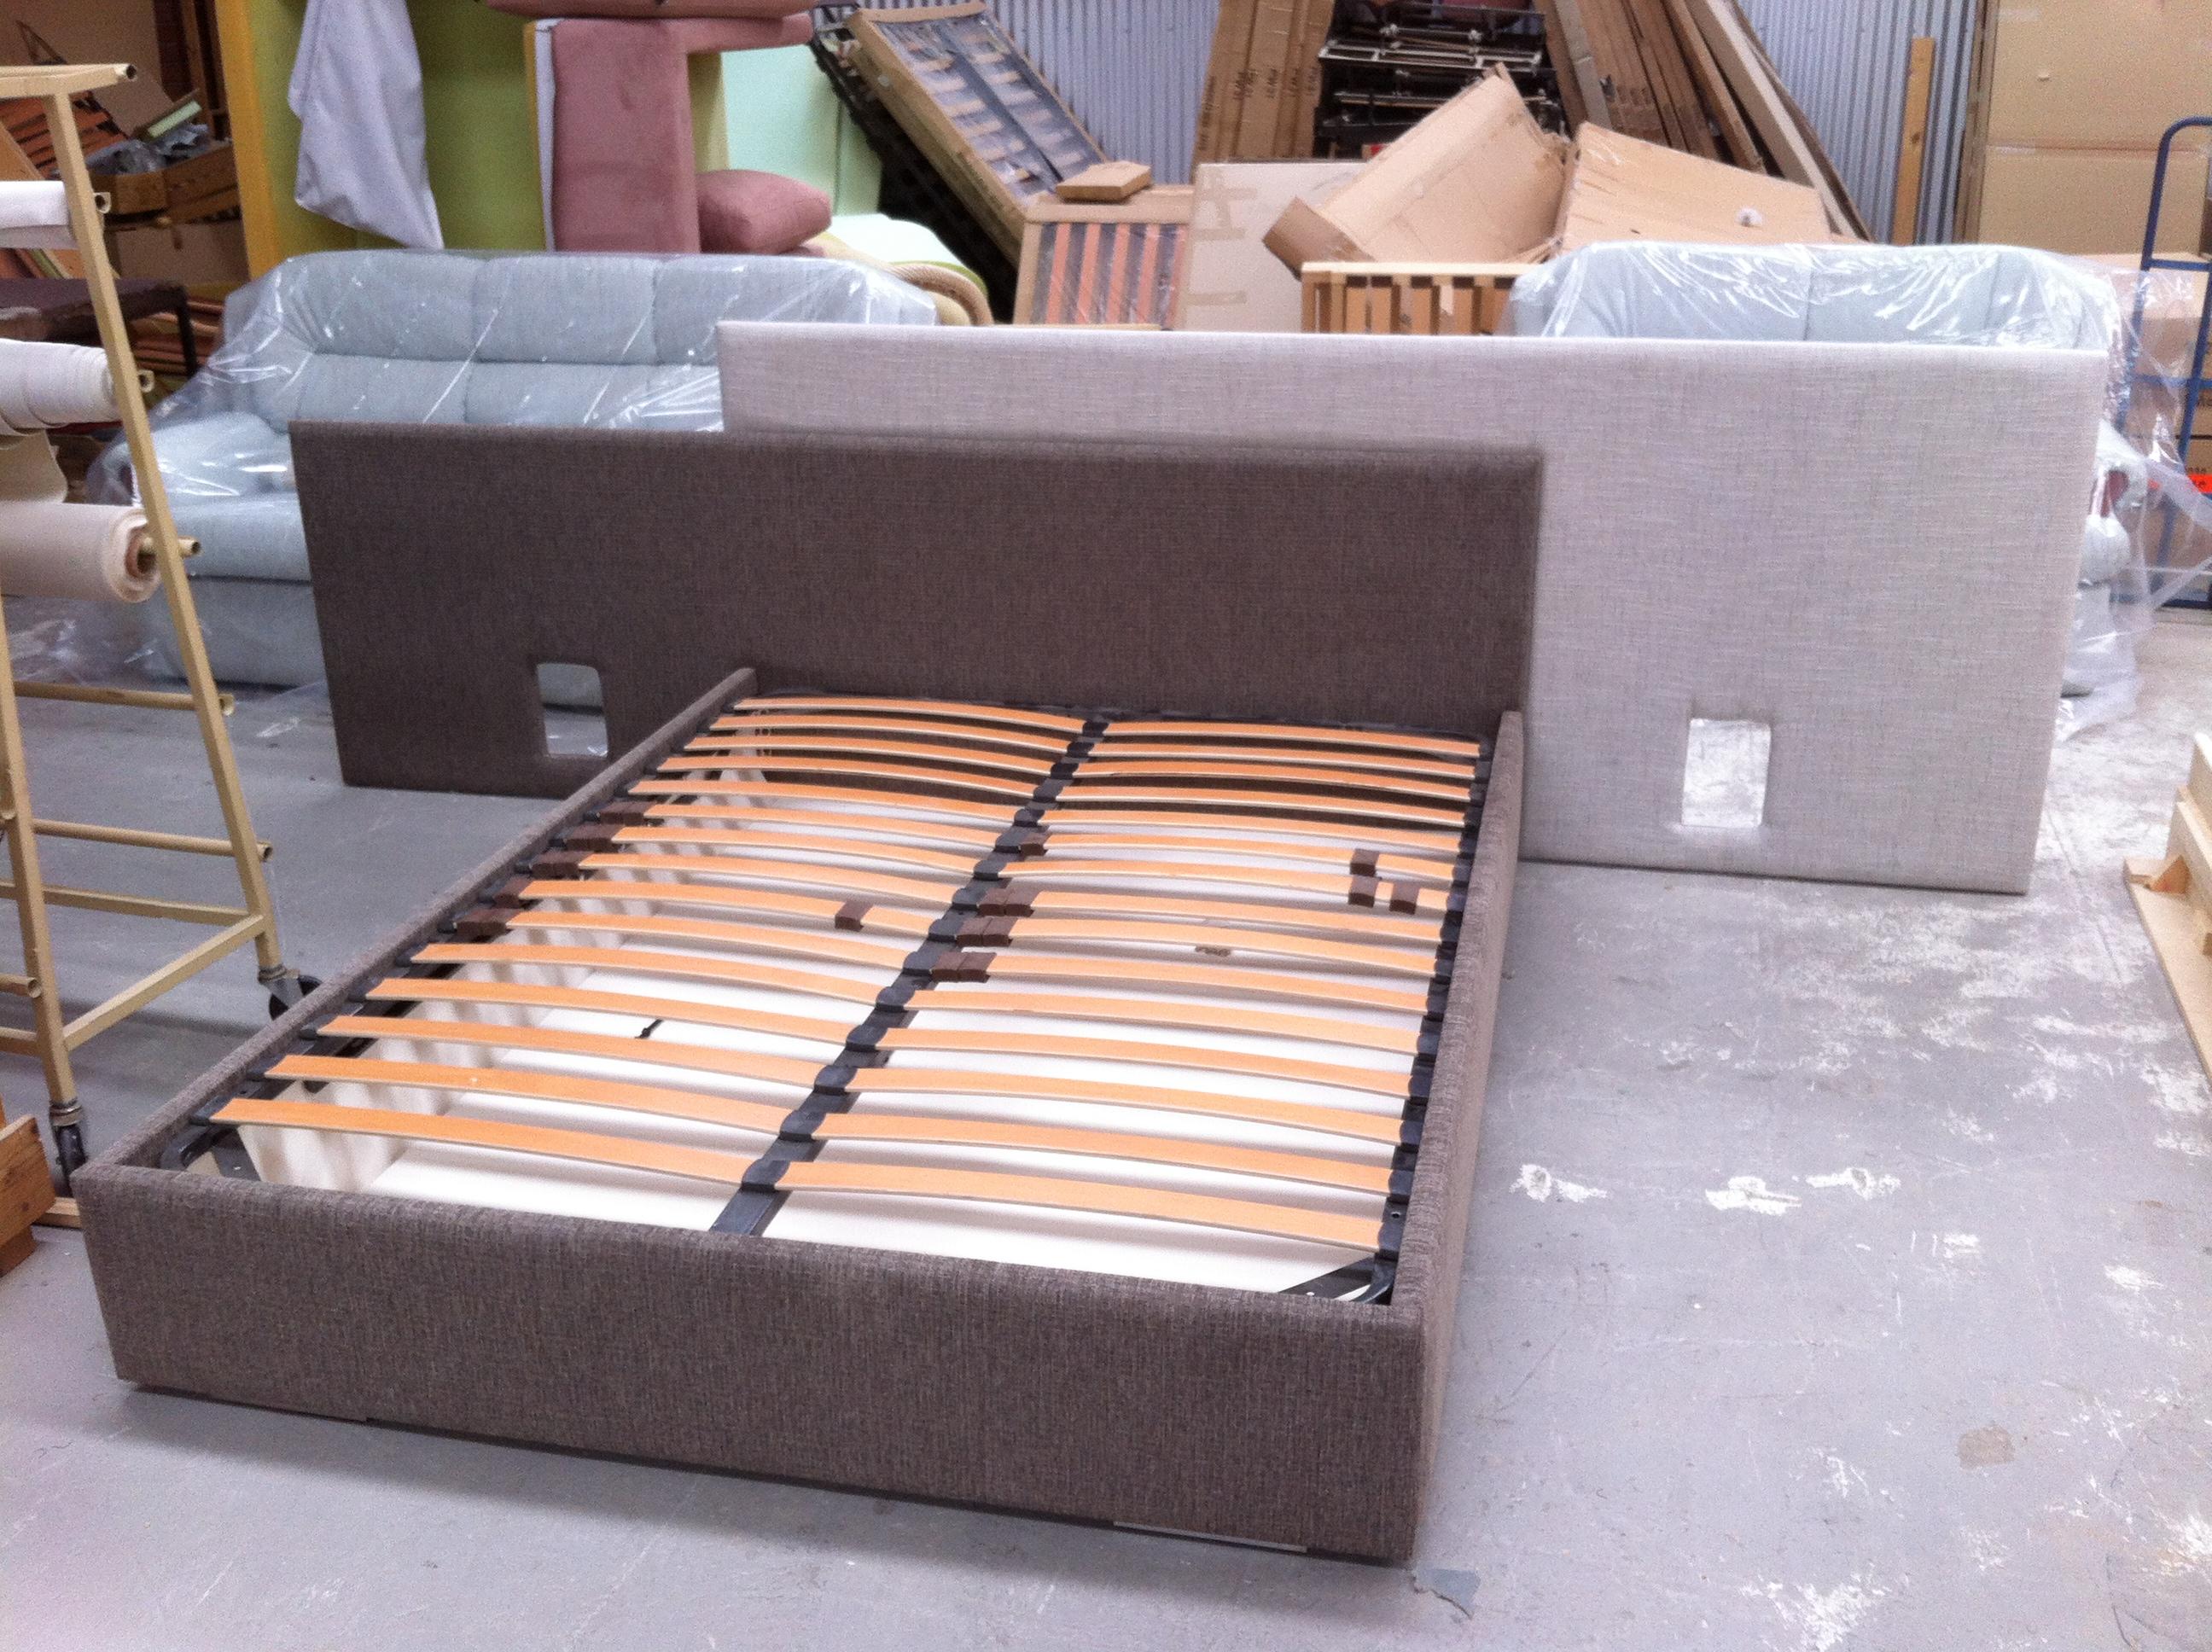 balaklava bed frame